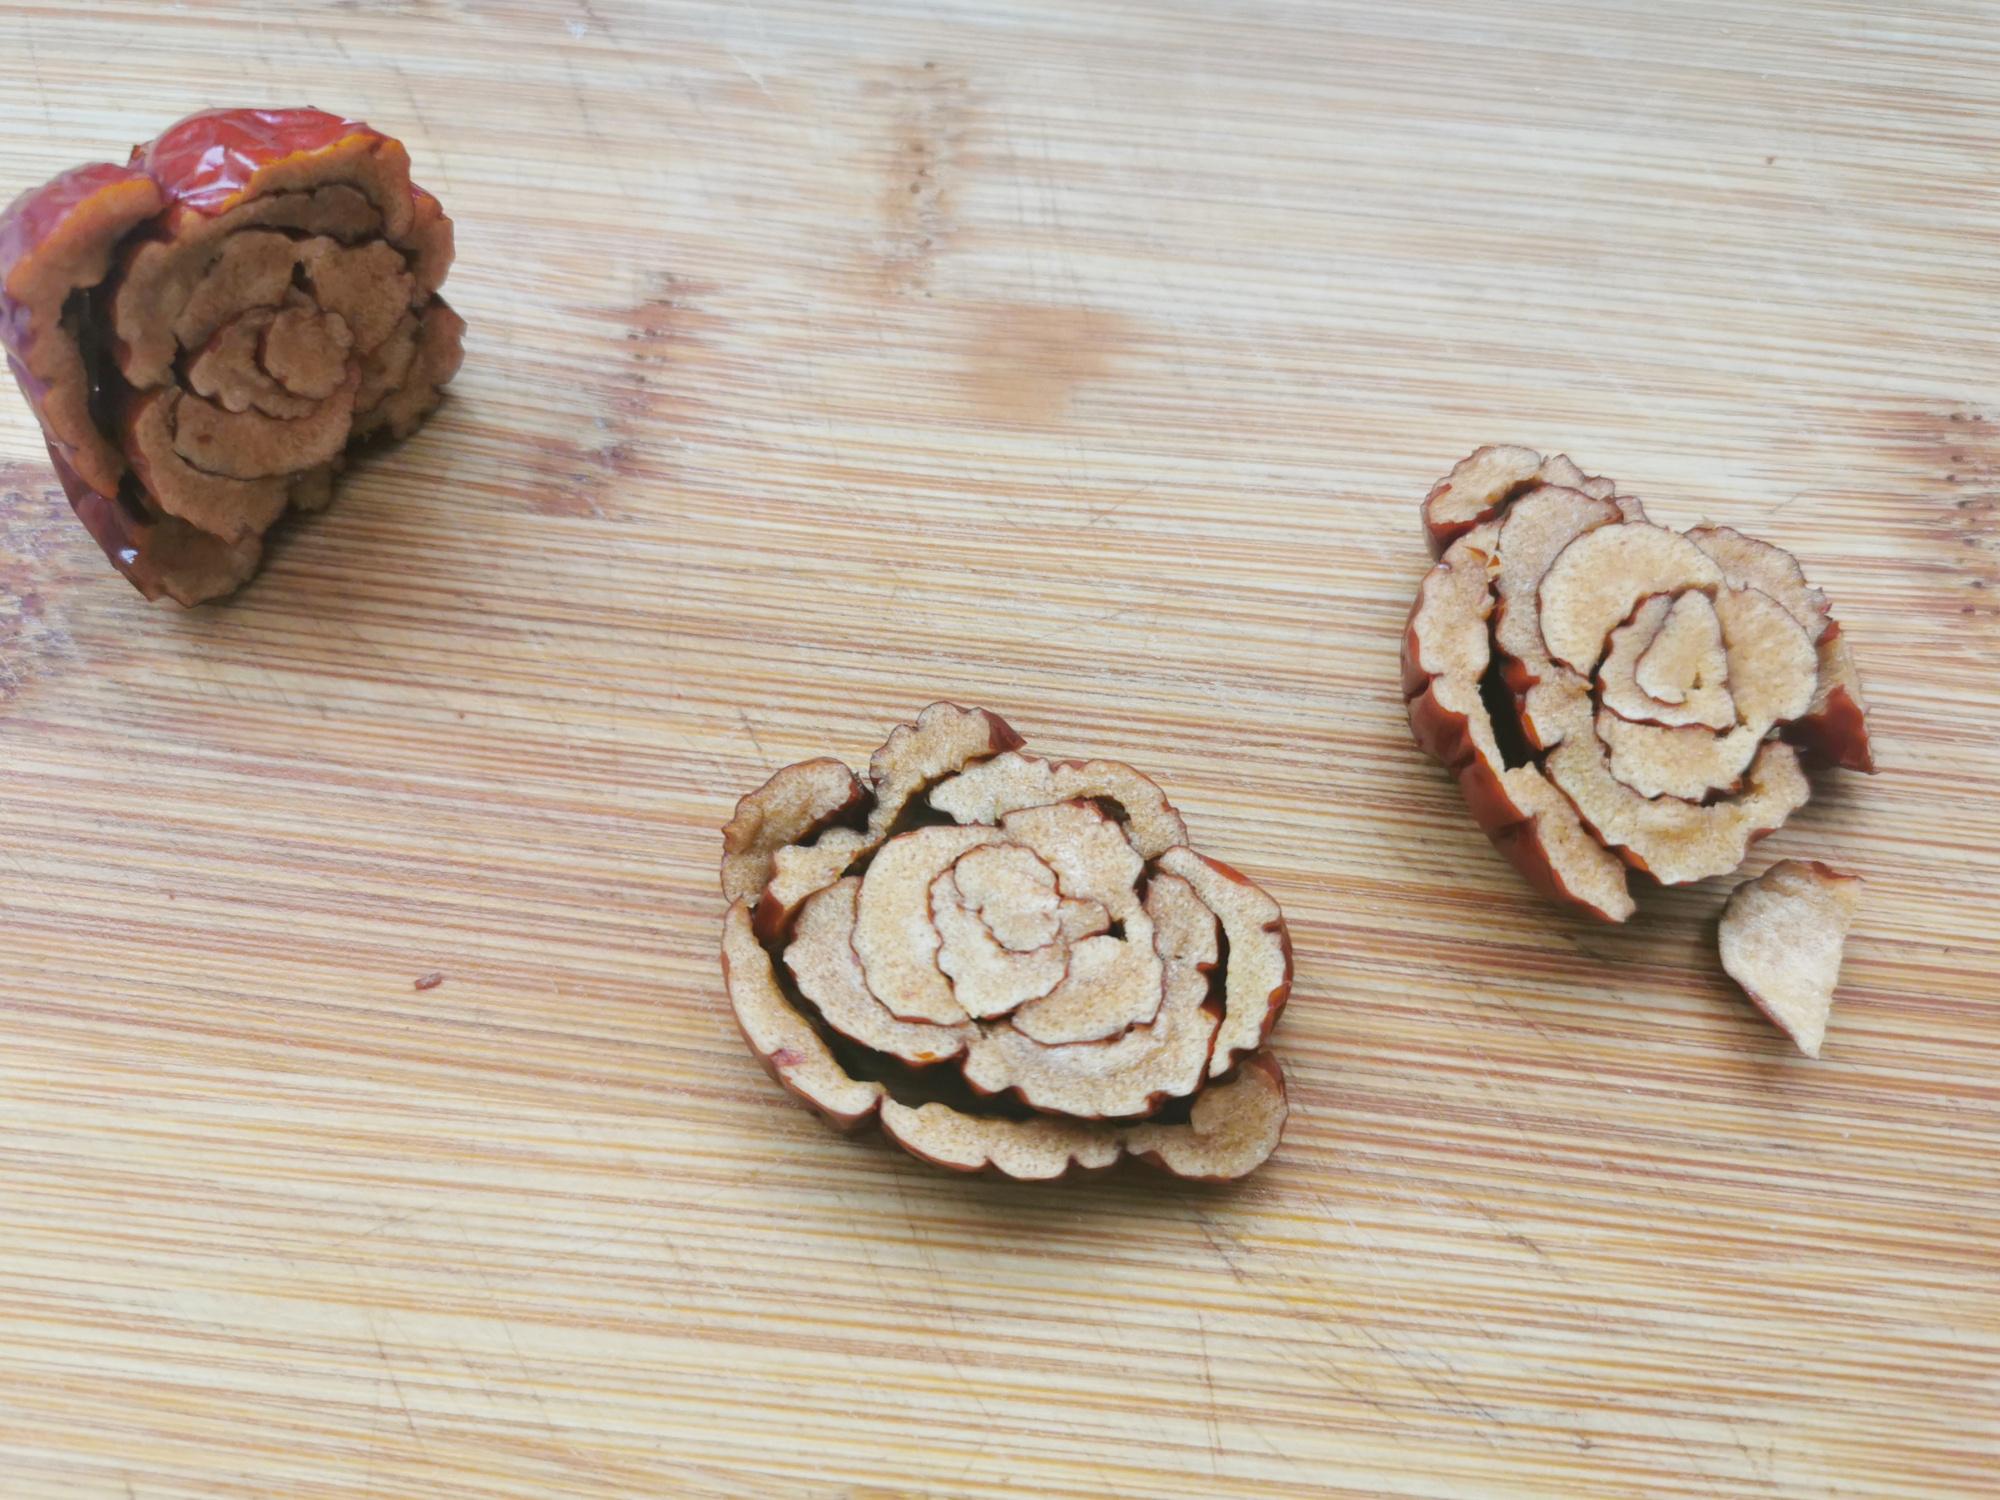 過年了,教你八寶飯最簡單的做法,軟糯香甜,團團圓圓寓意好